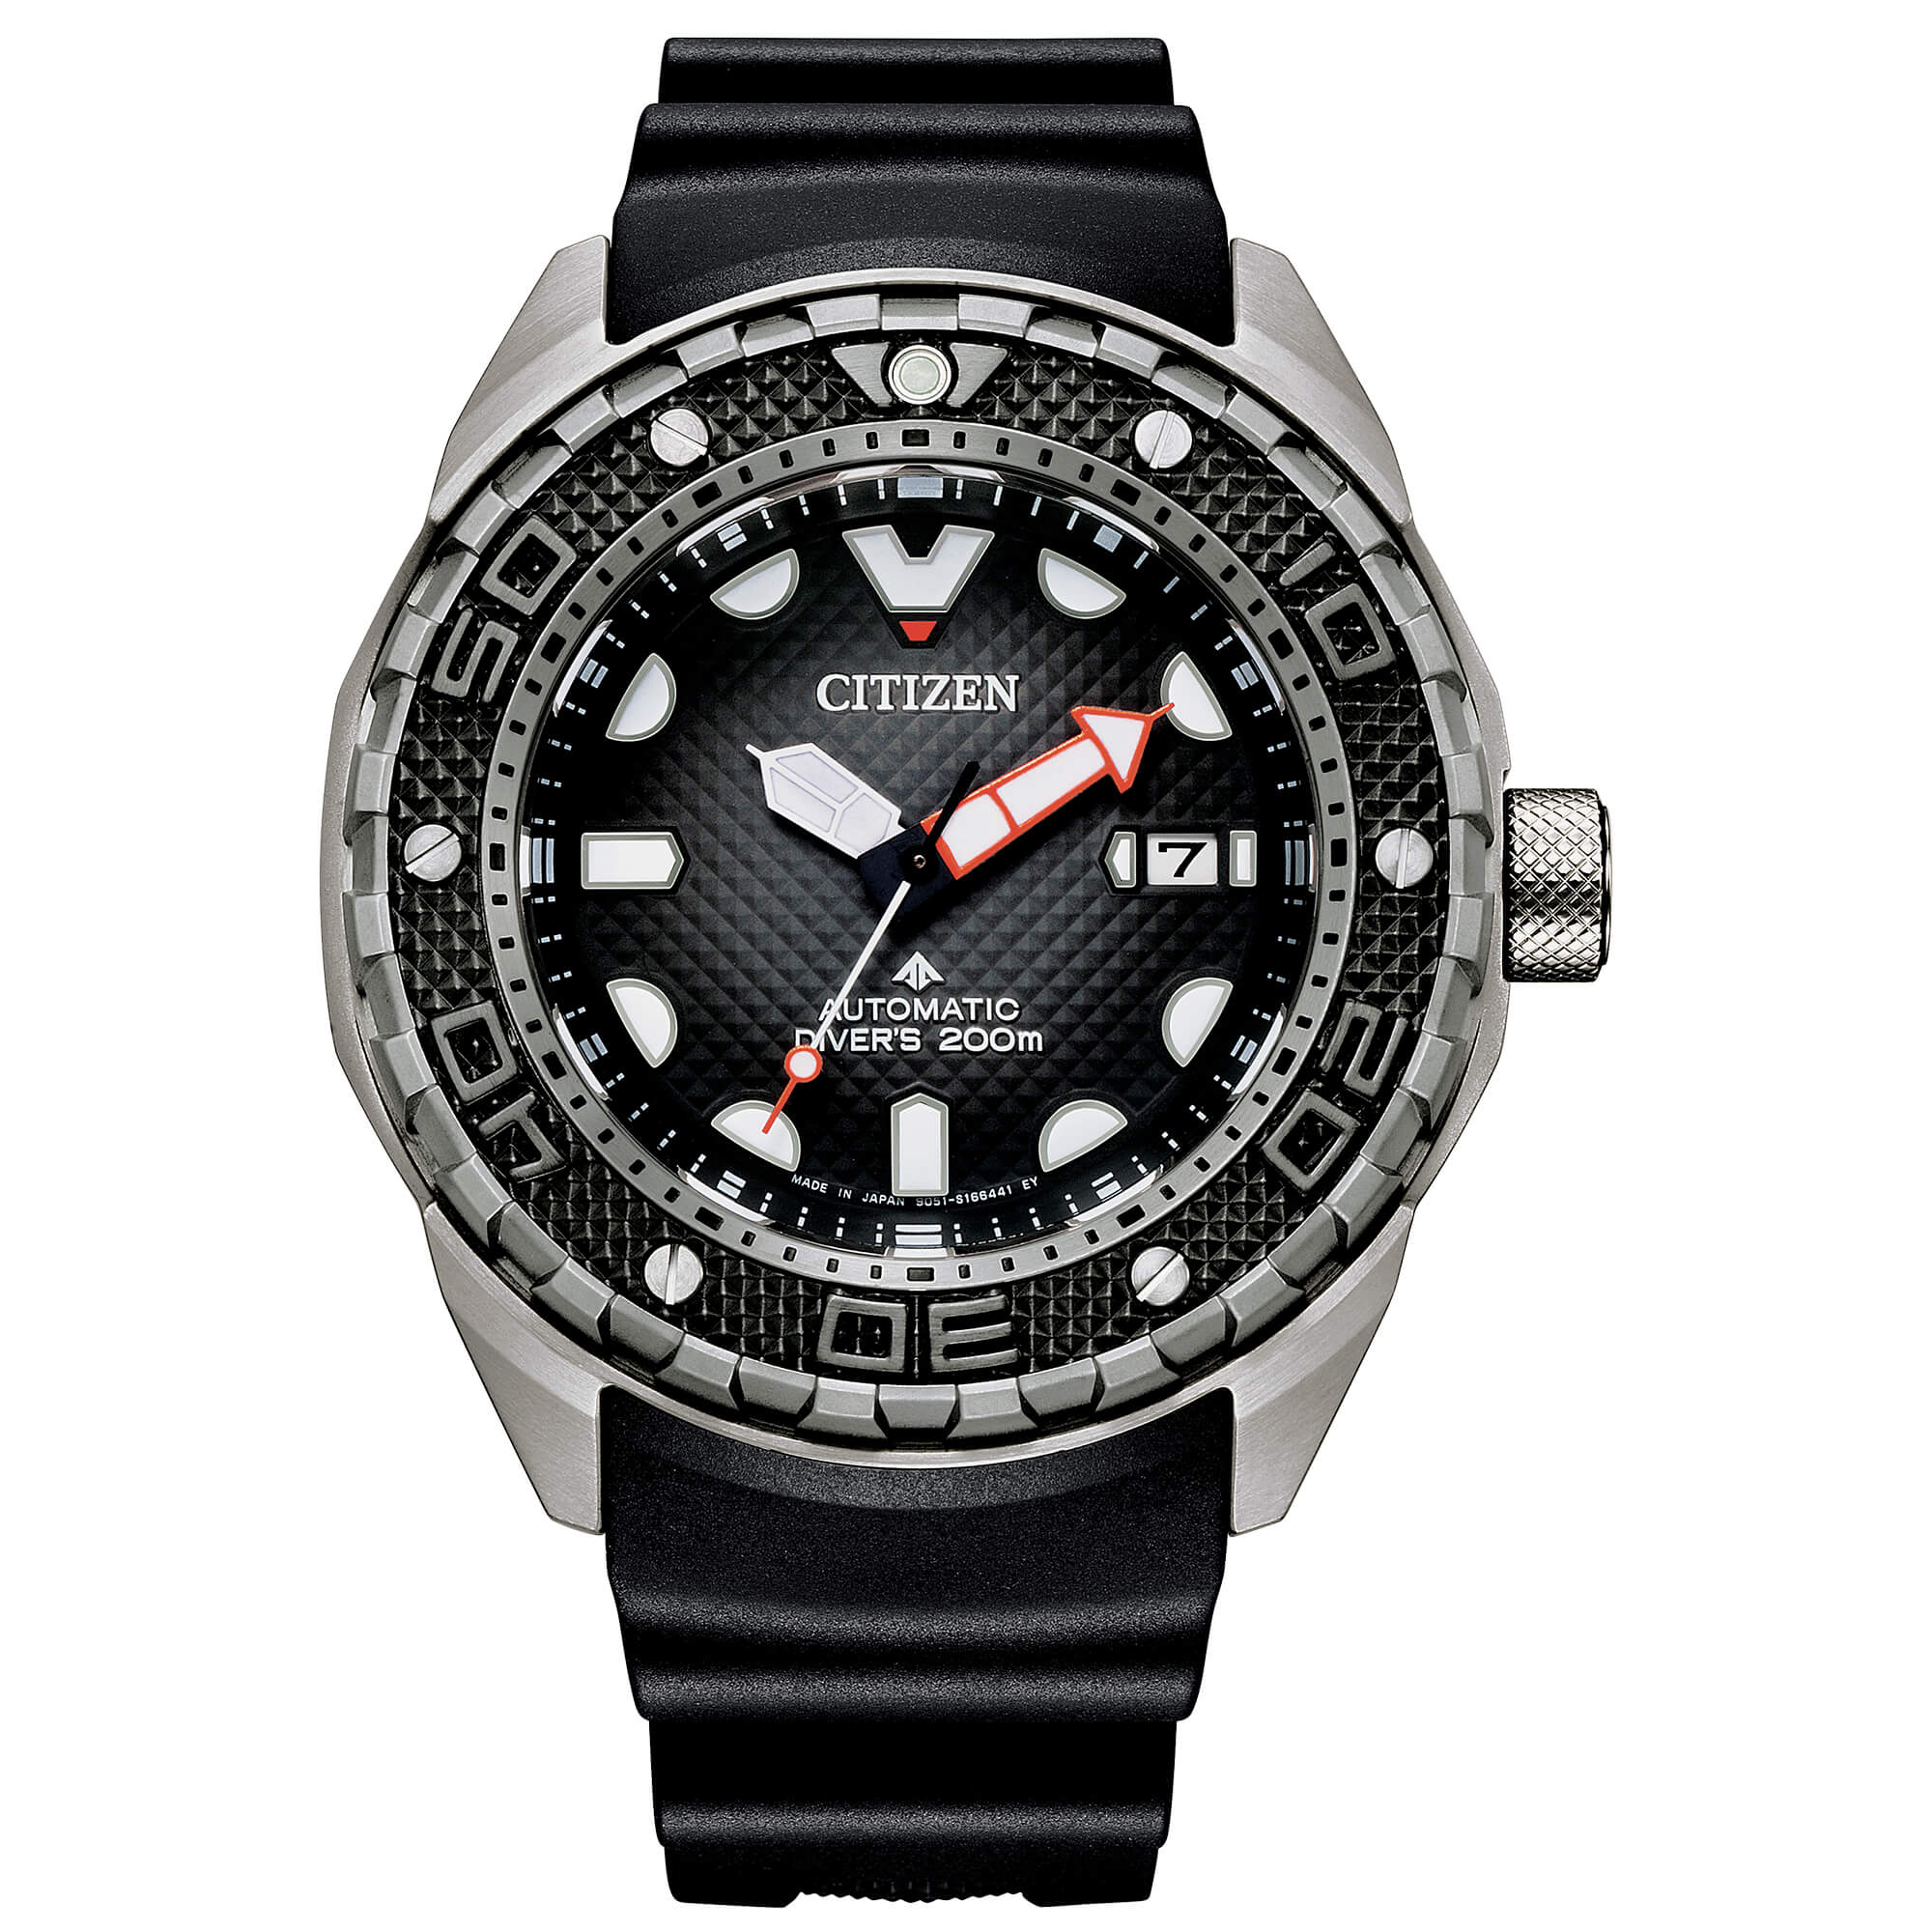 Diver's Automatic 200 mt Super Titanio